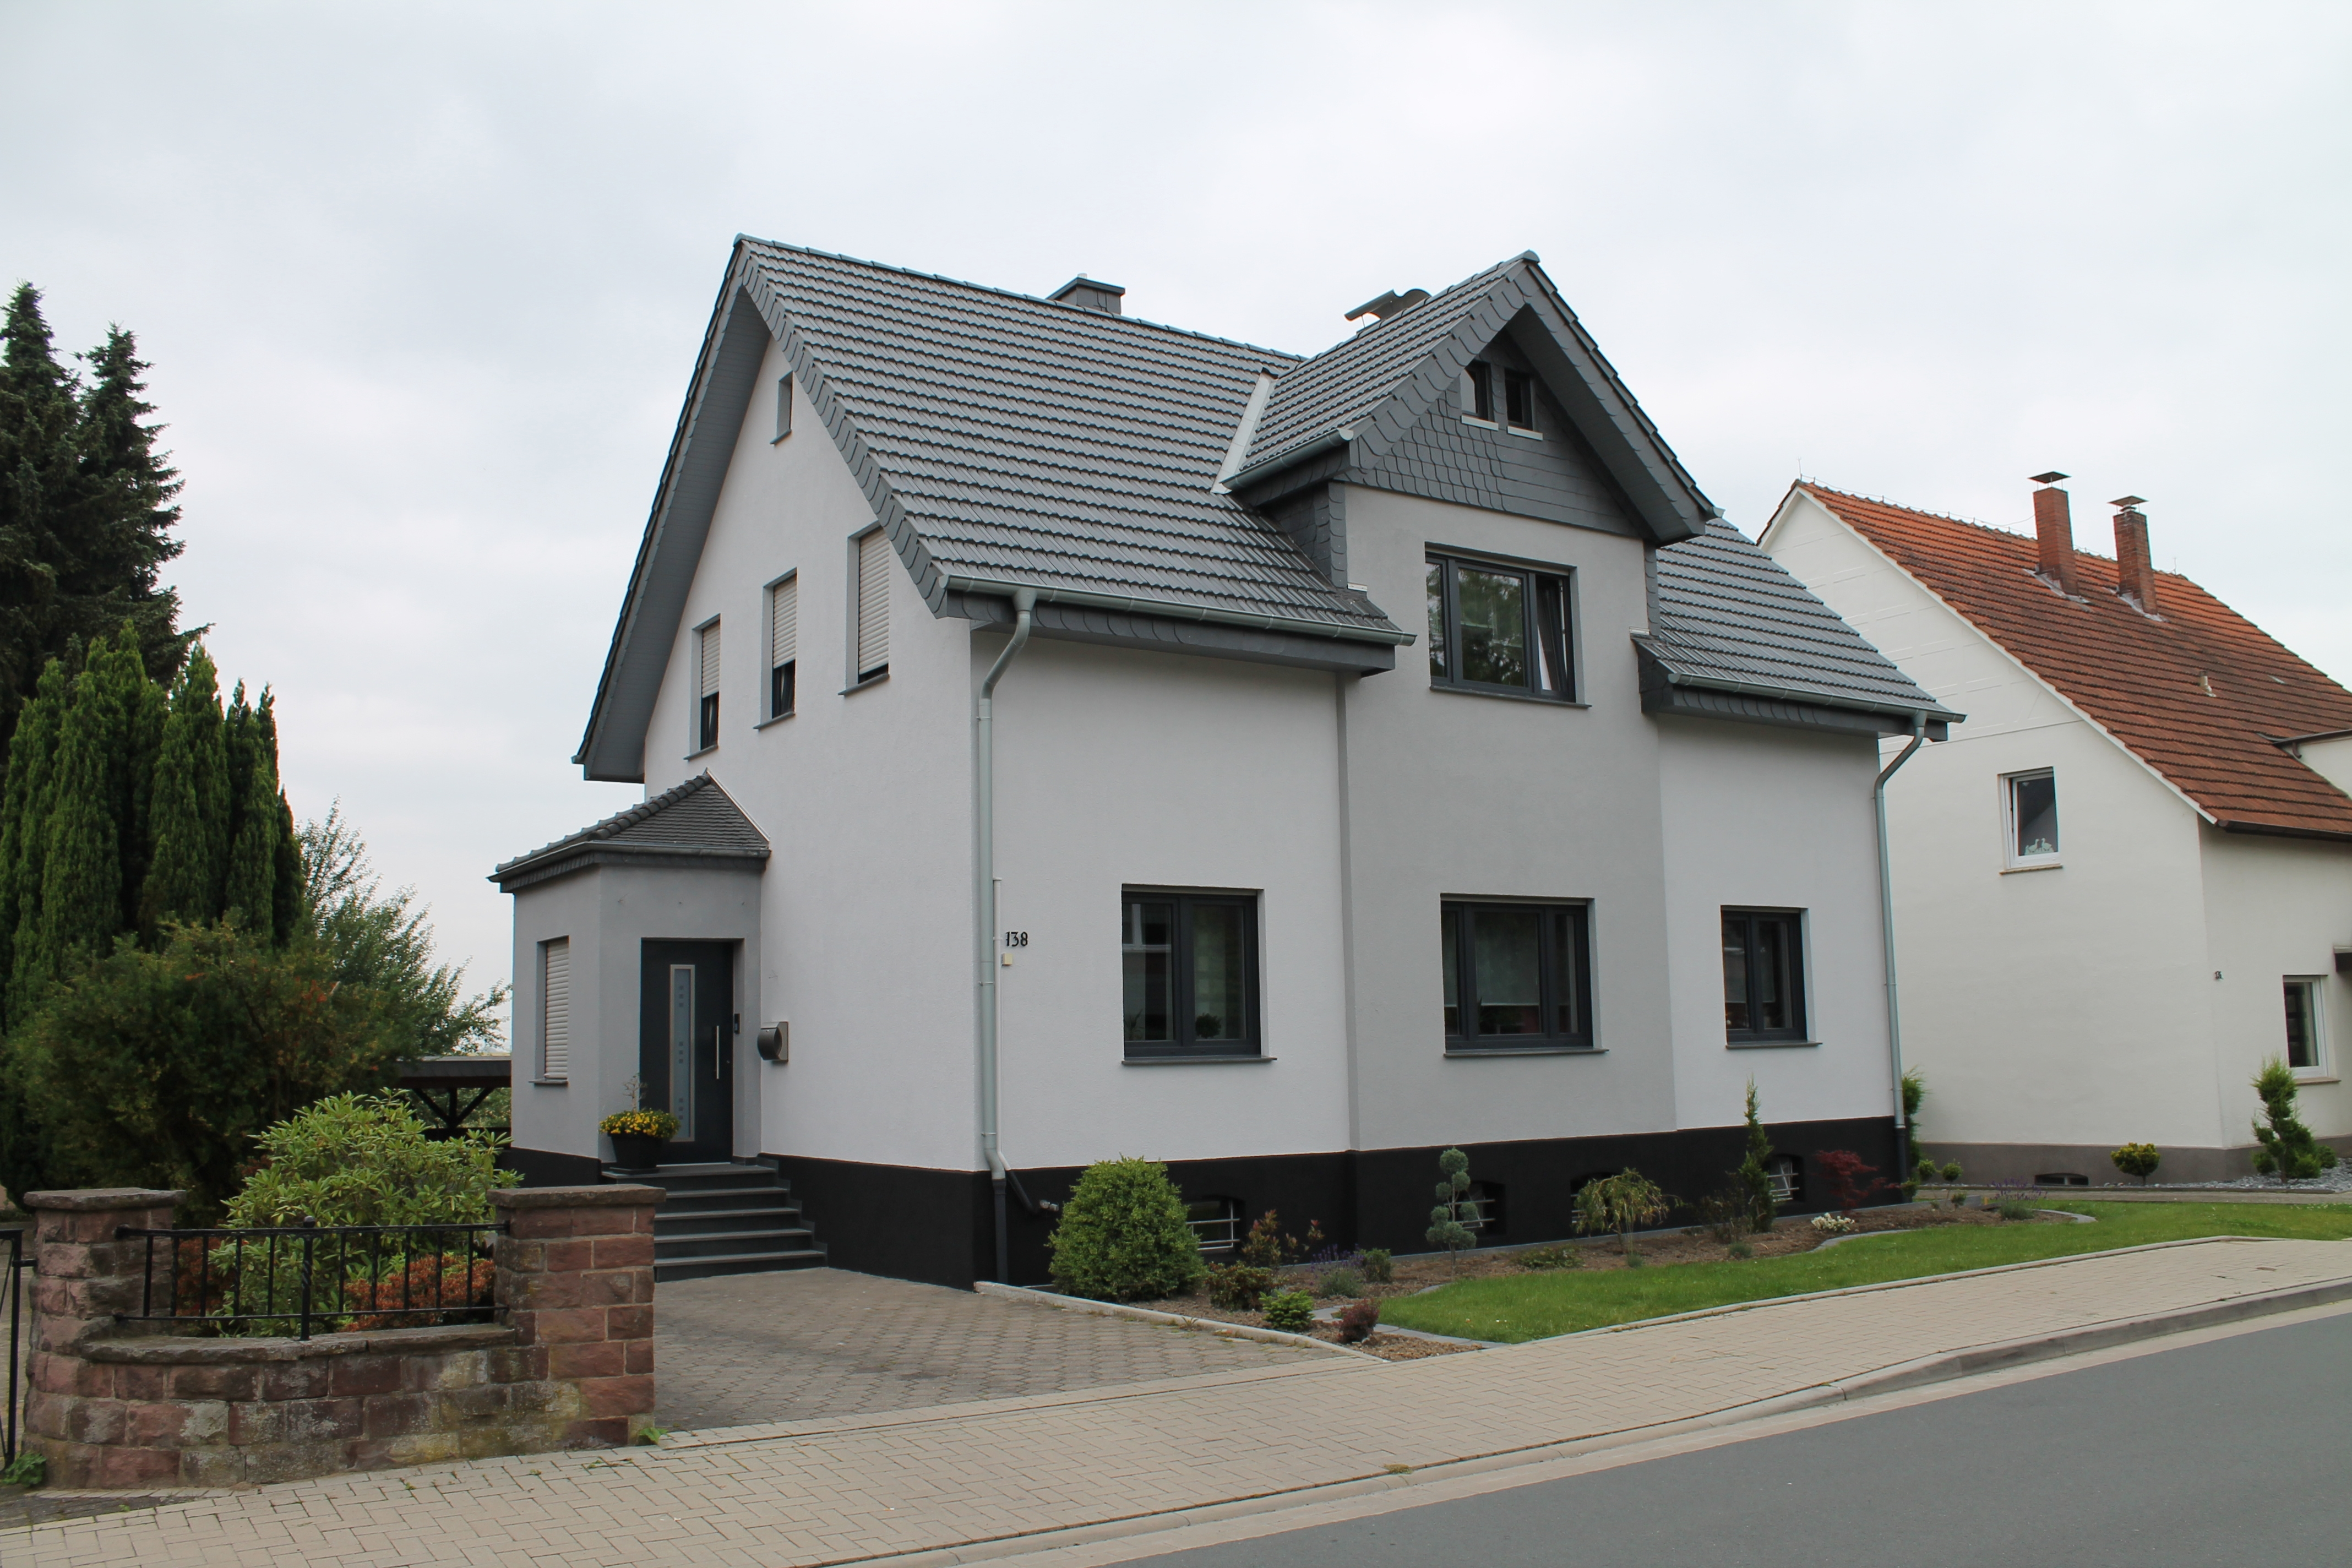 Foto Haus 2